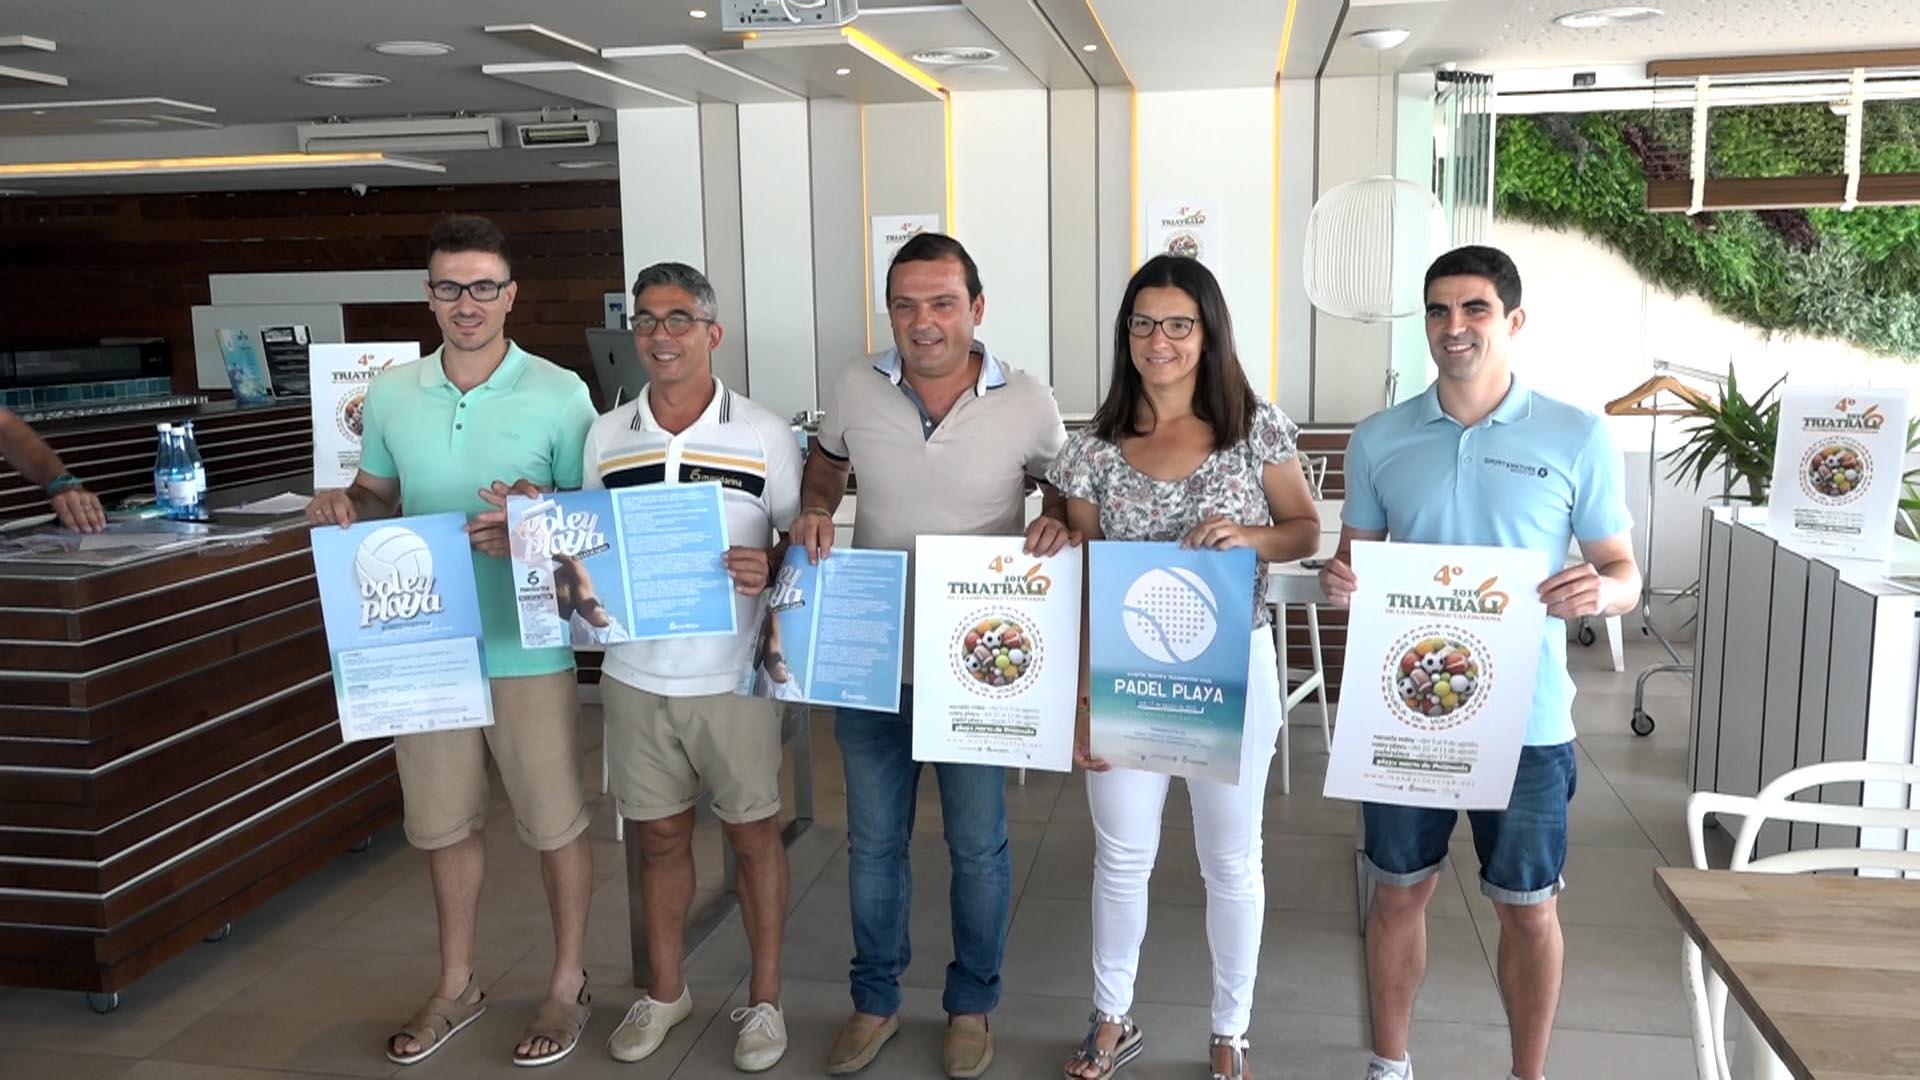 """Peníscola oferirà del 5 al 17 d'agost la 4a edició del """"Triatball"""""""